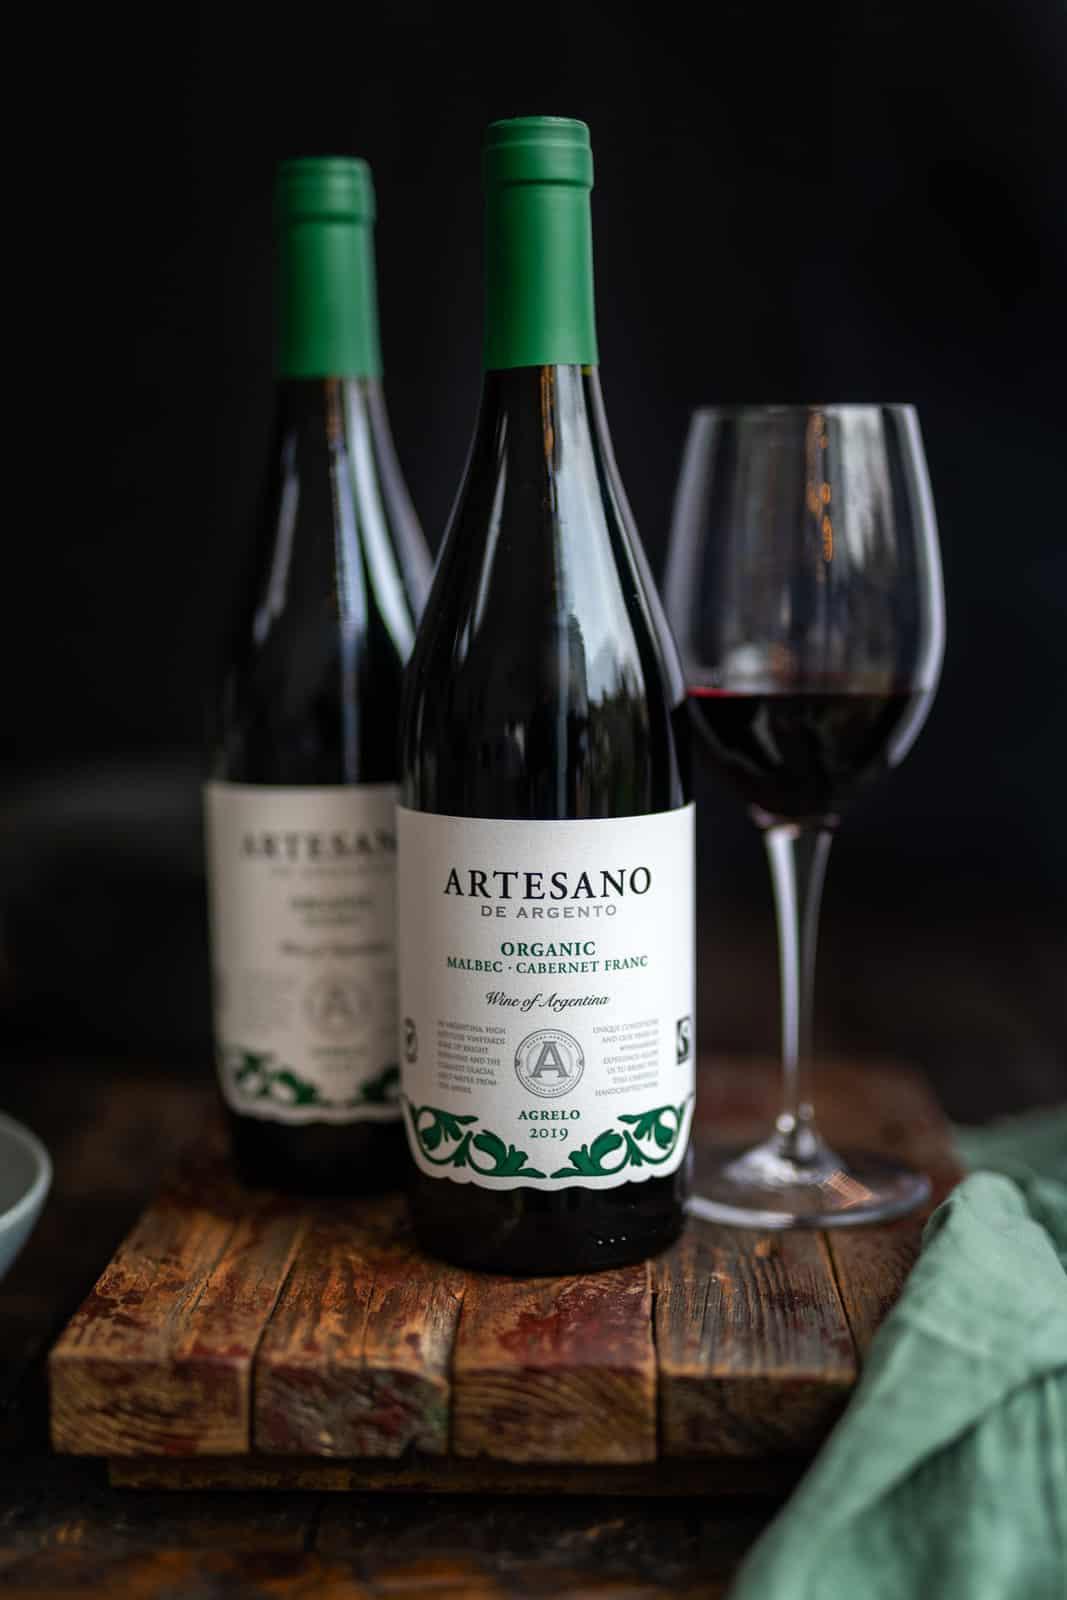 Artesano de Argento Wines